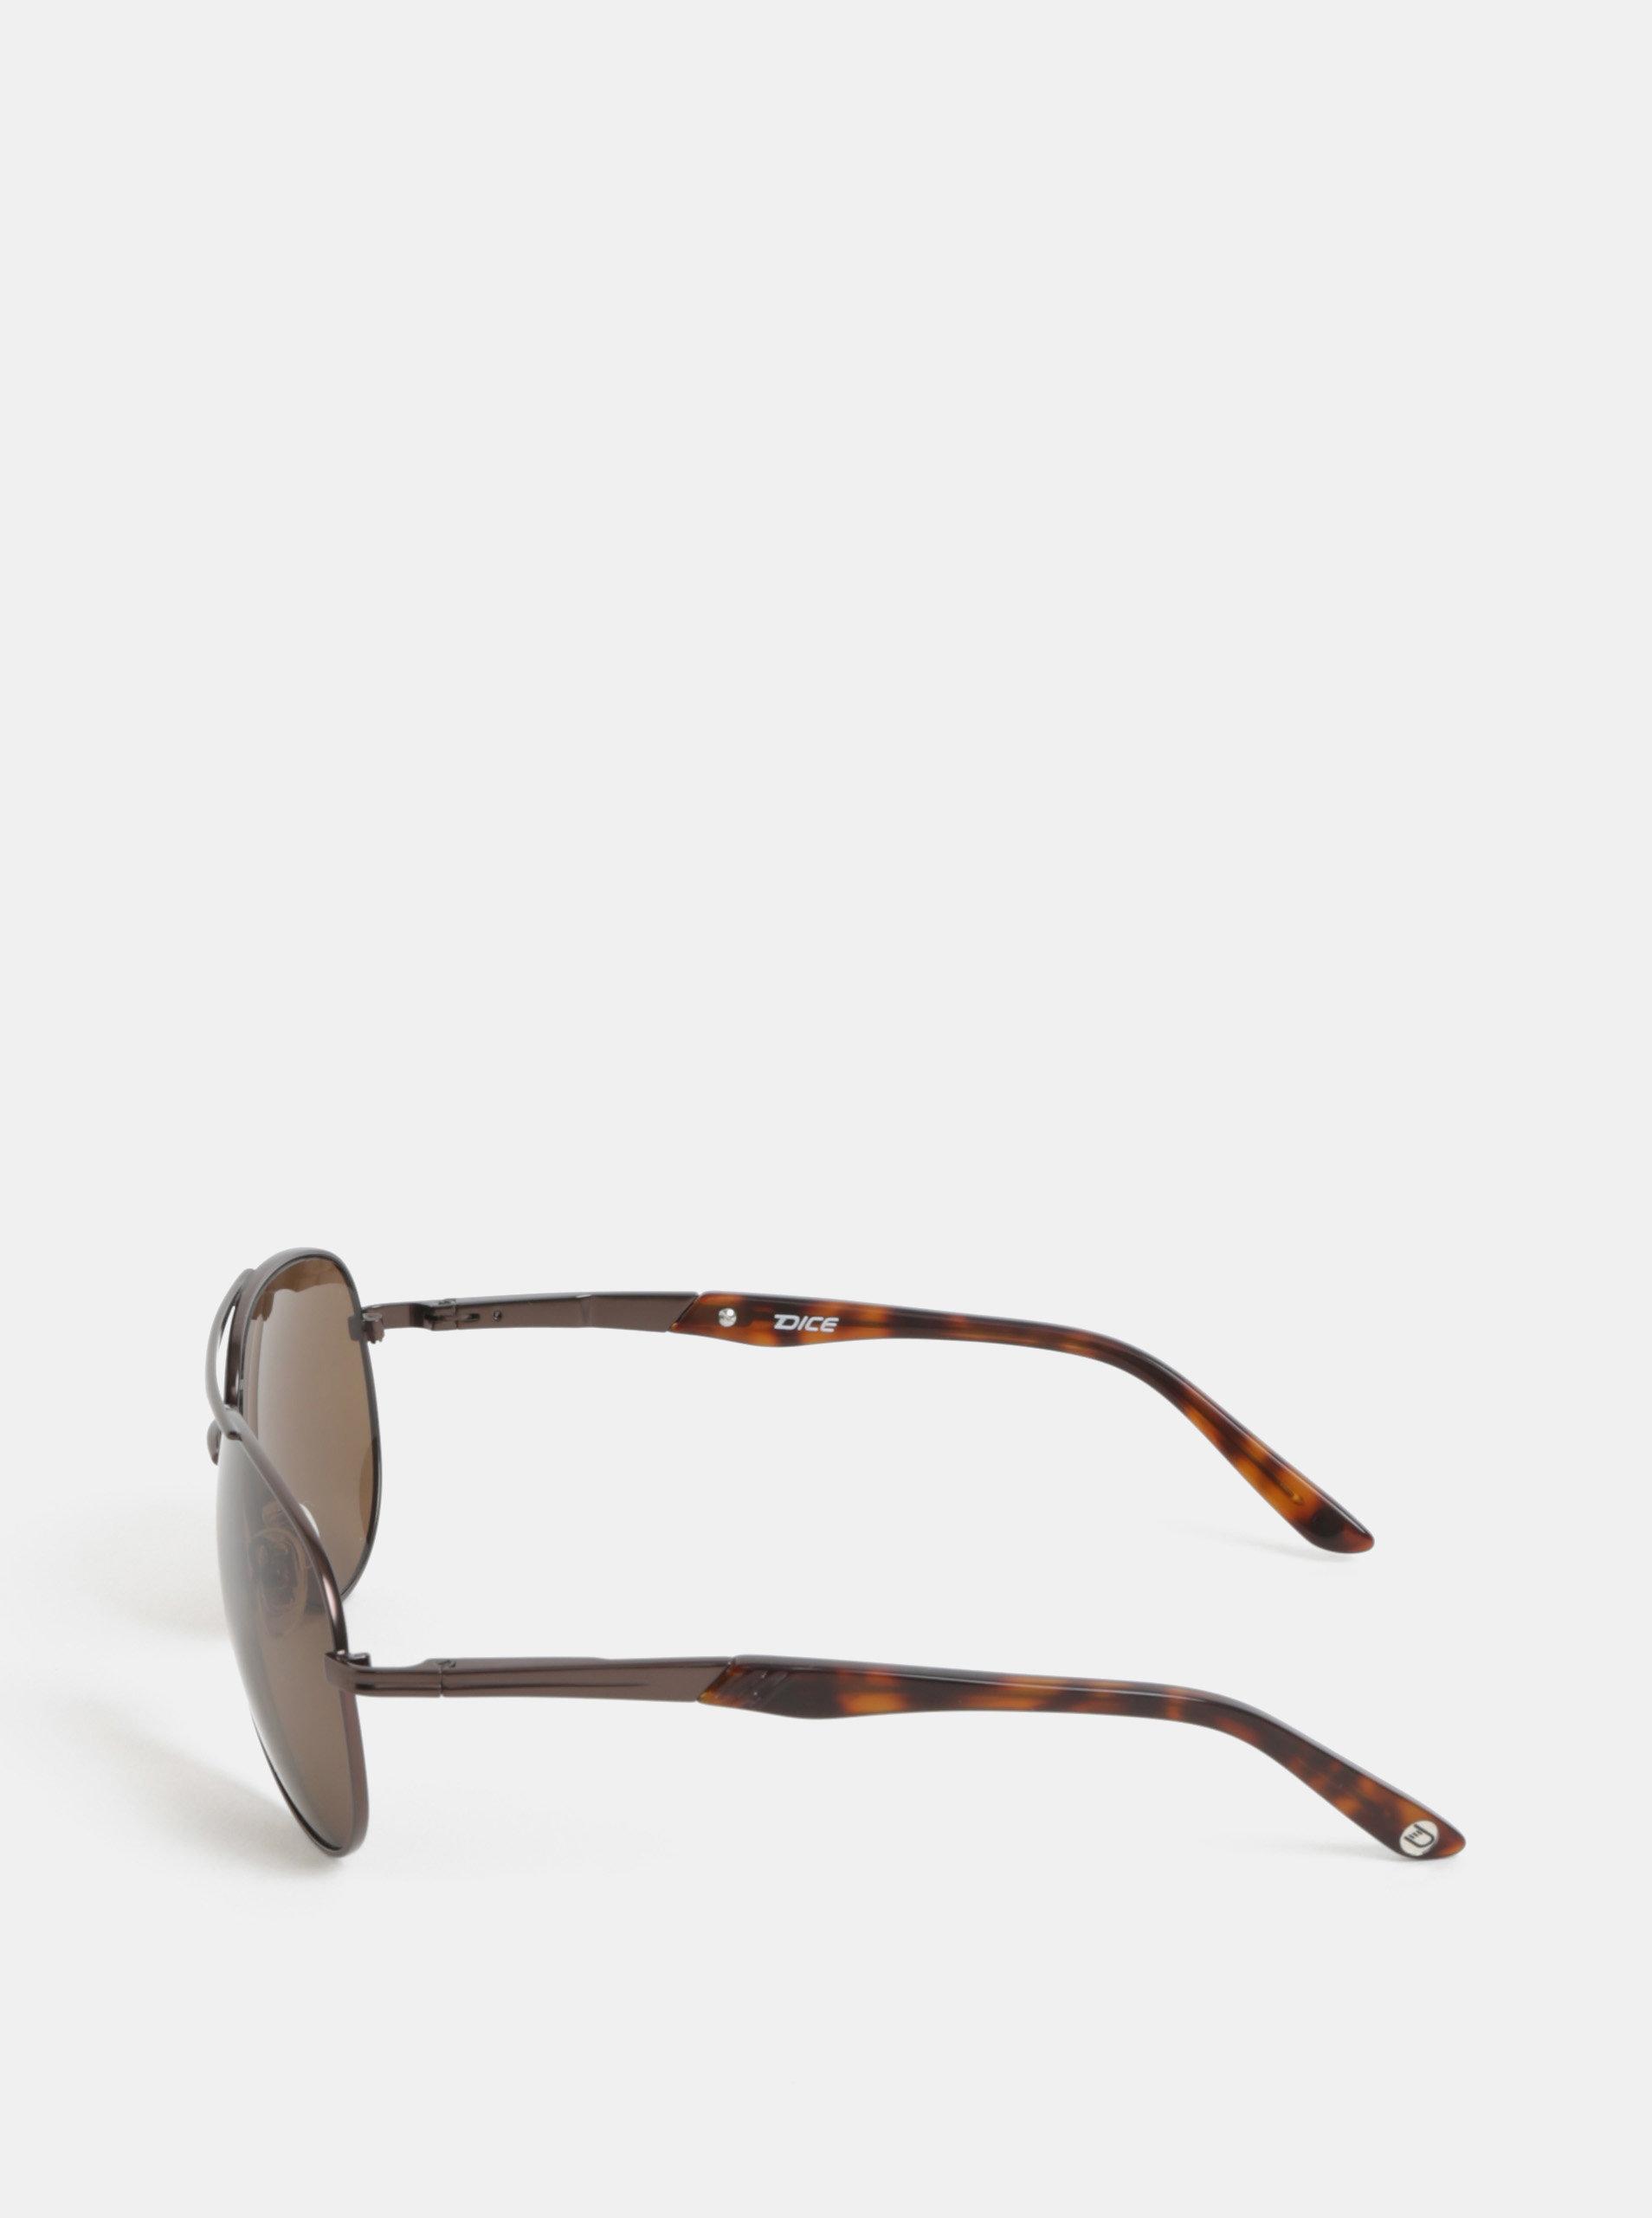 Hnedé pánske slnečné okuliare Dice ... b33e2857afd